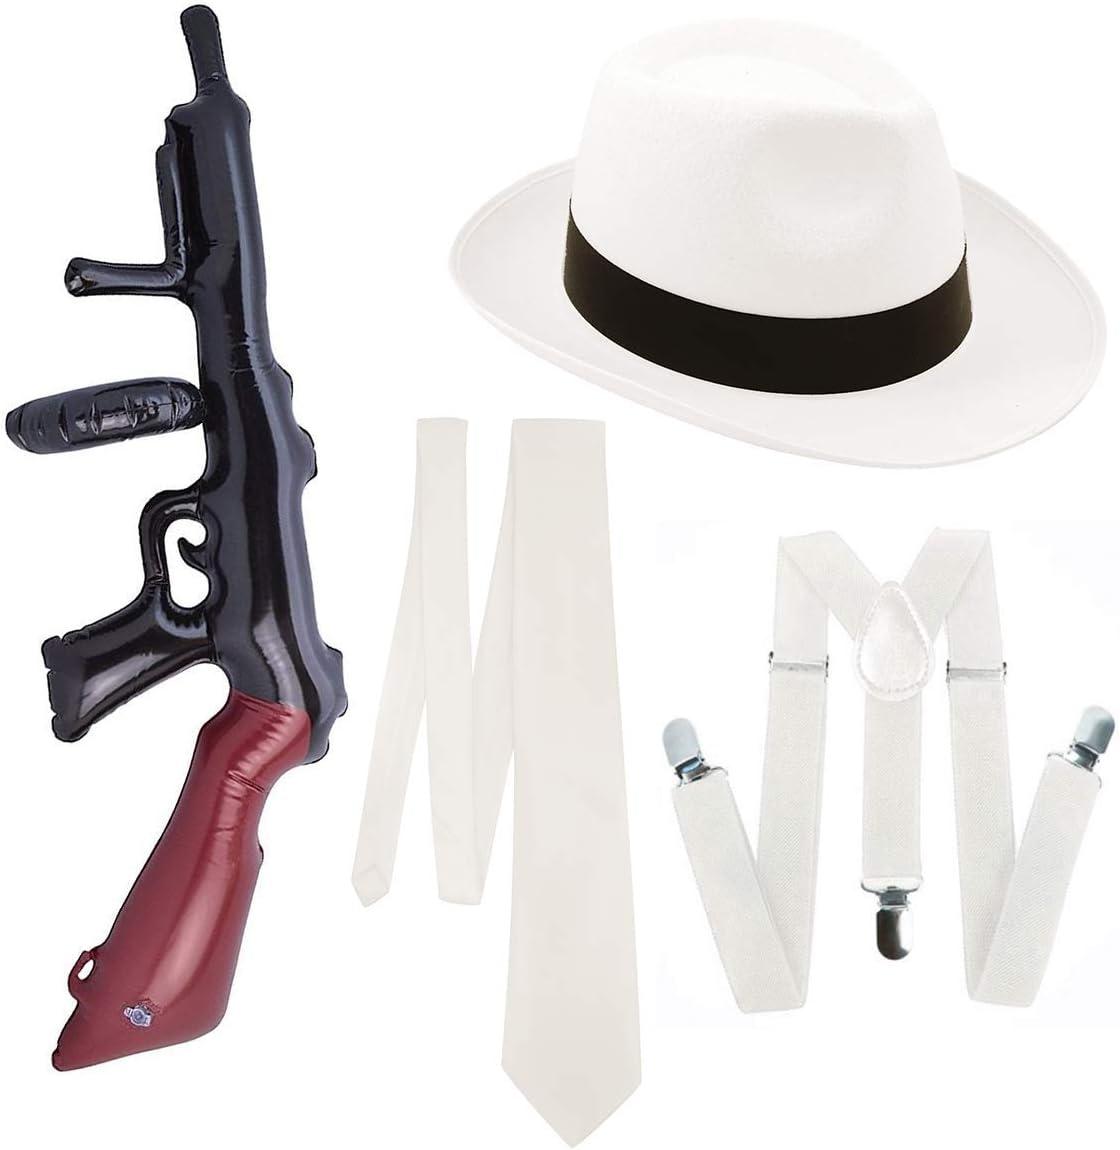 PAPER UMBRELLA Adulto Hombres Pistola Gánster Set de 4 Piezas ...